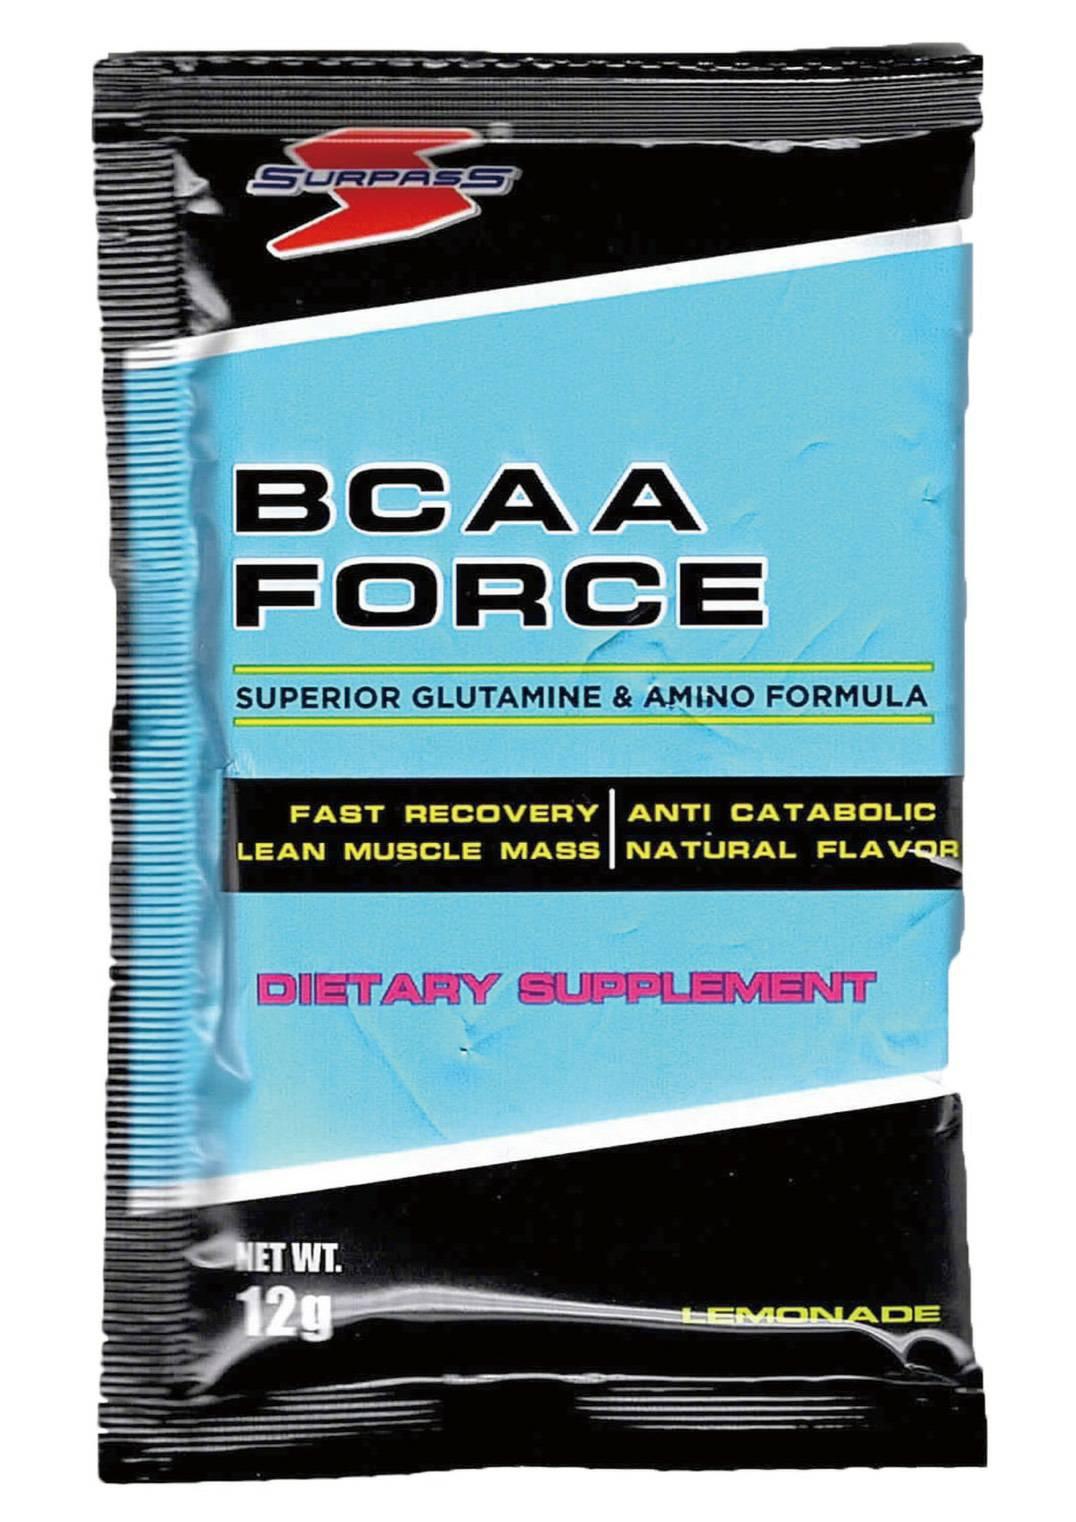 [美國 SURPASS] 支鏈胺基酸BCAA FORCE 檸檬口味(12g/包)